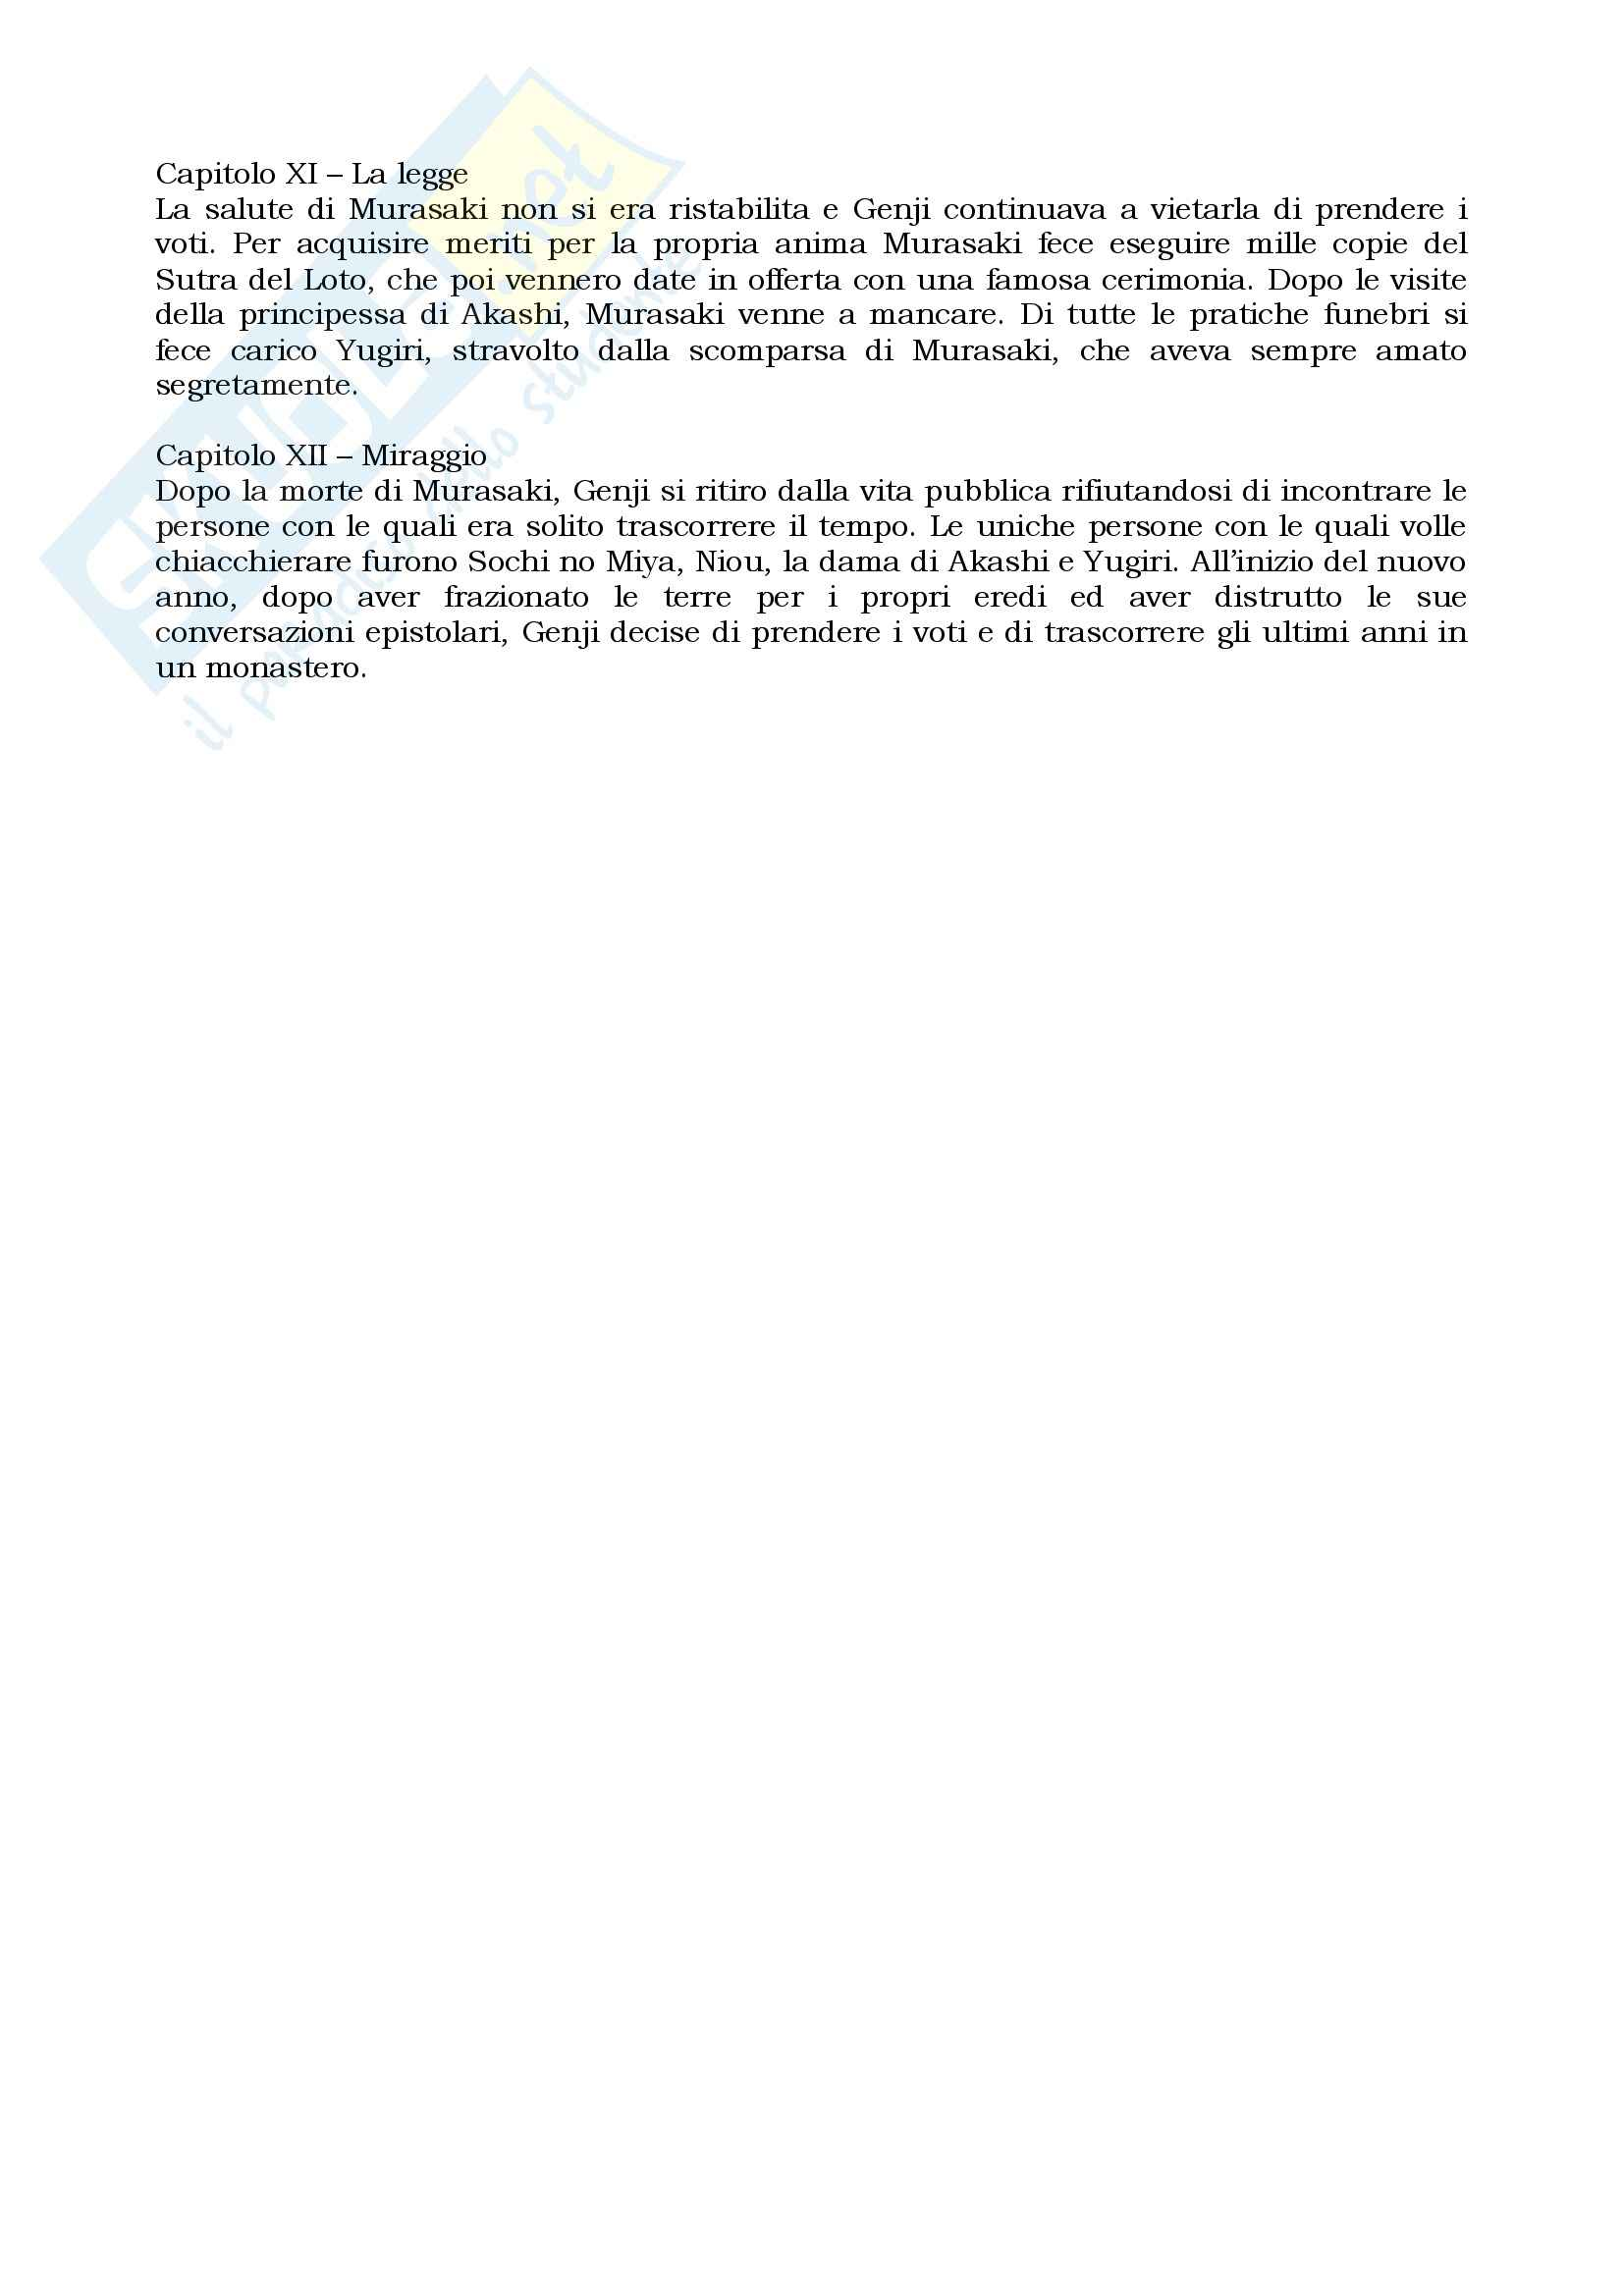 Riassunto esame Letteratura giapponese I, prof. Giordano, libro consigliato Genji monogatari, Shikibu Pag. 16